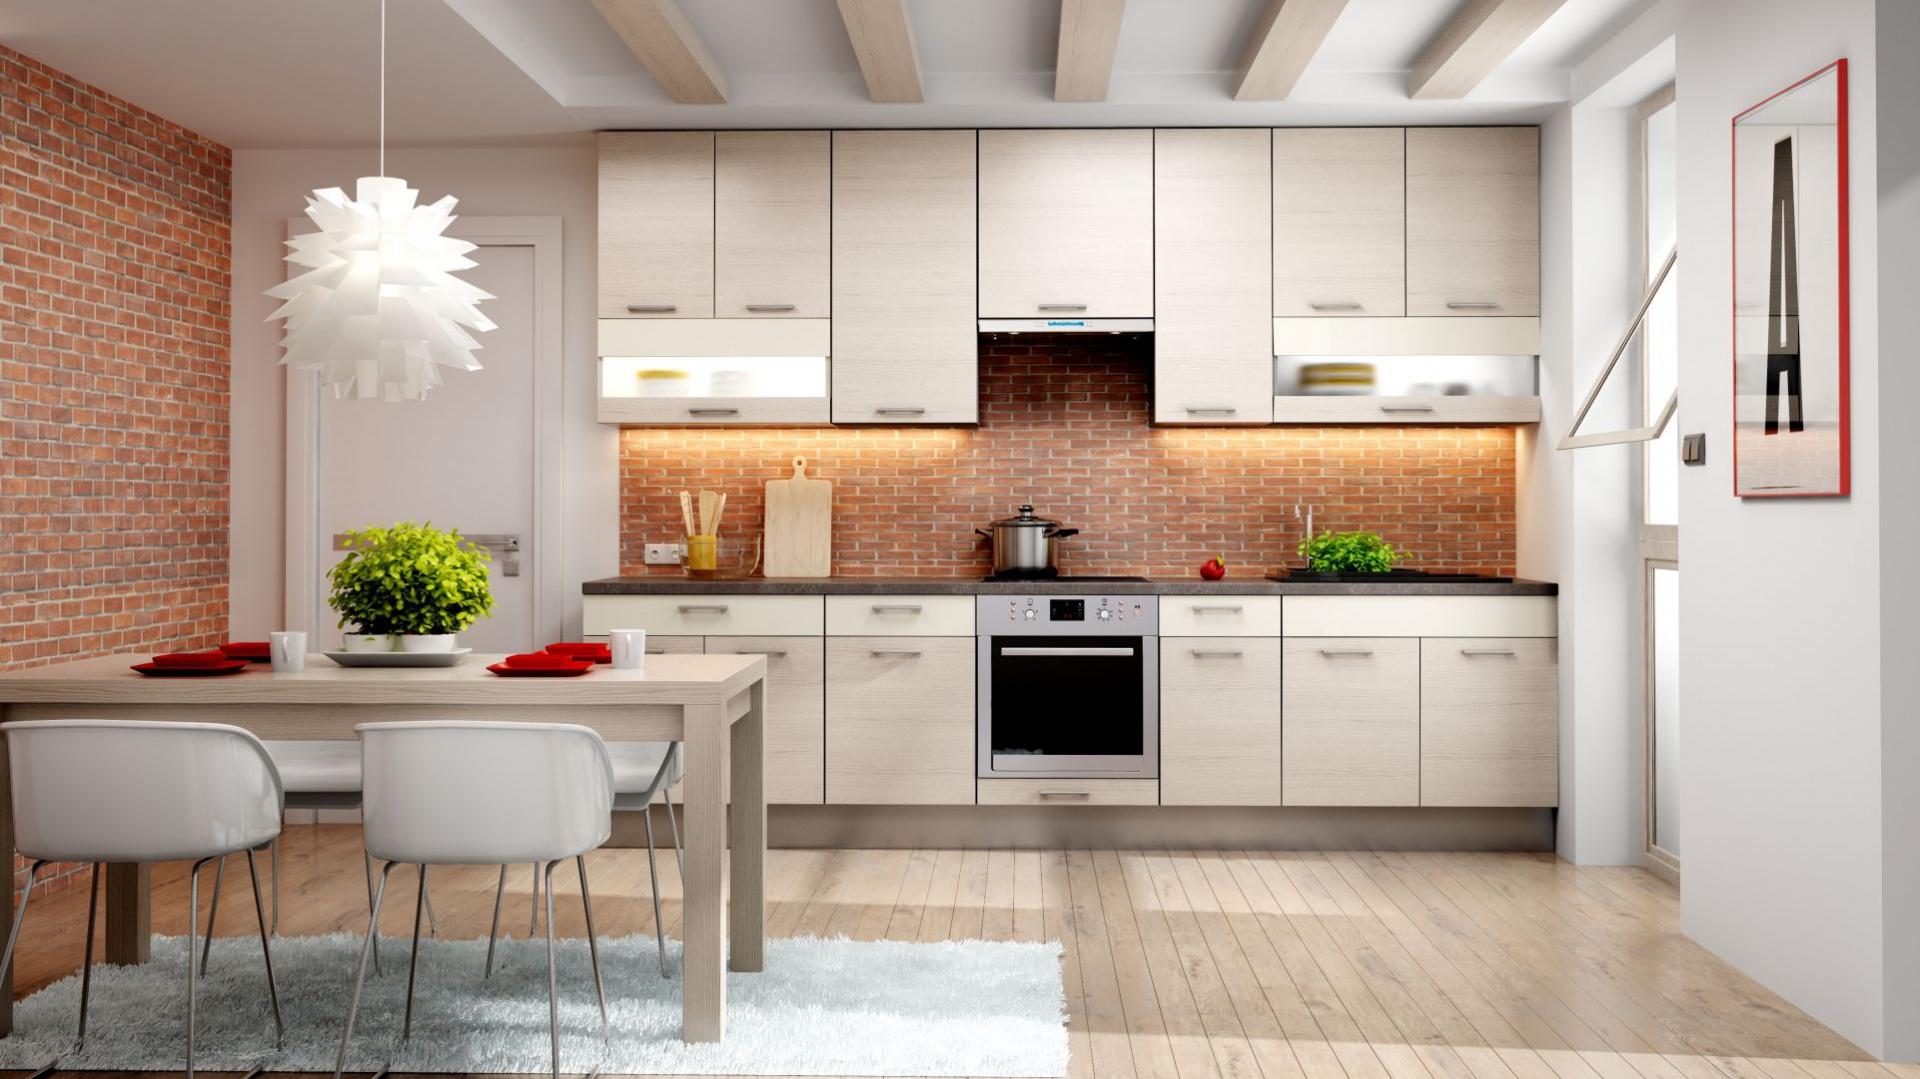 KAMduo XL to idealne rozwiązanie w przypadku kuchni jednorzędowych, pozwala bowiem do maksimum wykorzystać dostępną powierzchnię. Można zagospodarować ją pojedynczymi, dużymi szafkami albo dwoma rzędami mniejszych o różnej głębokości.  Fot. KAM